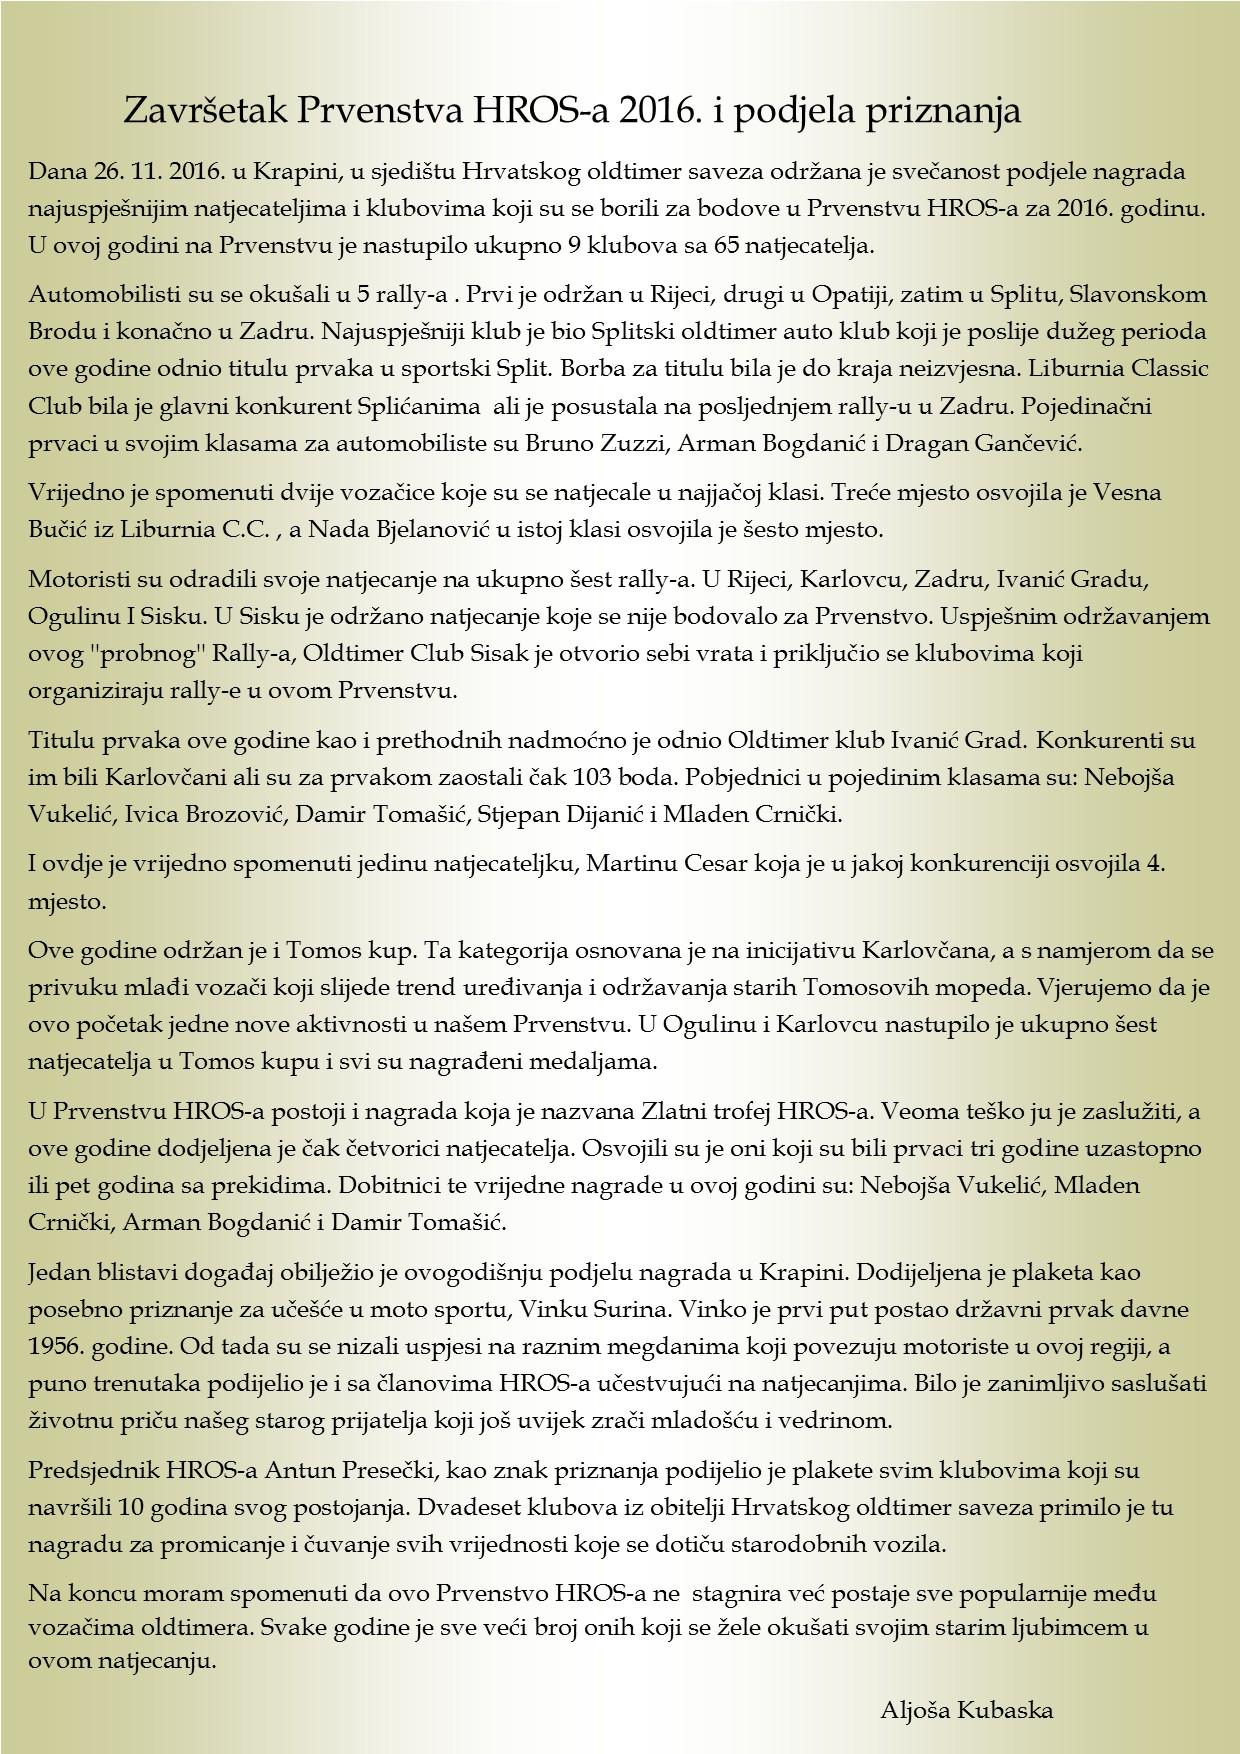 zavrsetak-prvendtva-hros-a-2016-i-podjela-priznanja